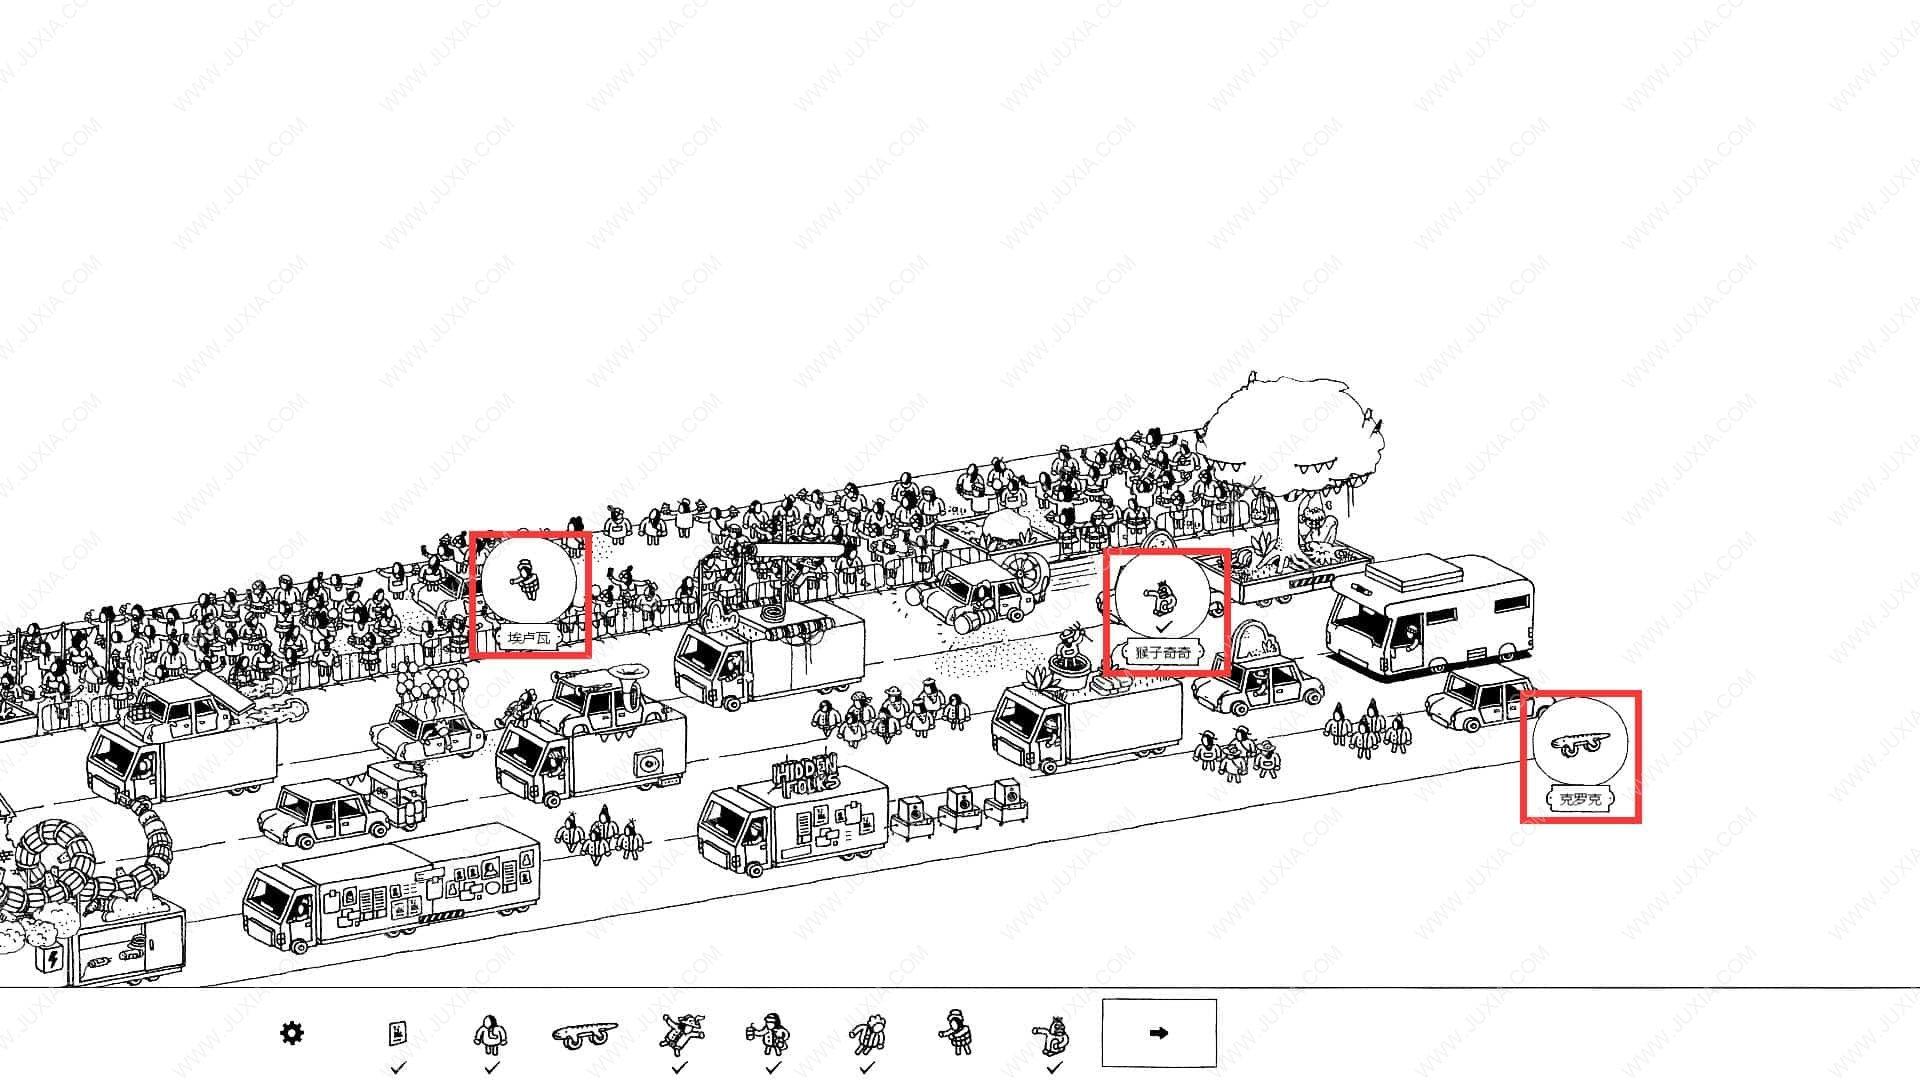 隐藏的家伙攻略巡回演出第6关 HiddenFolks图文攻略巡回演出第六关